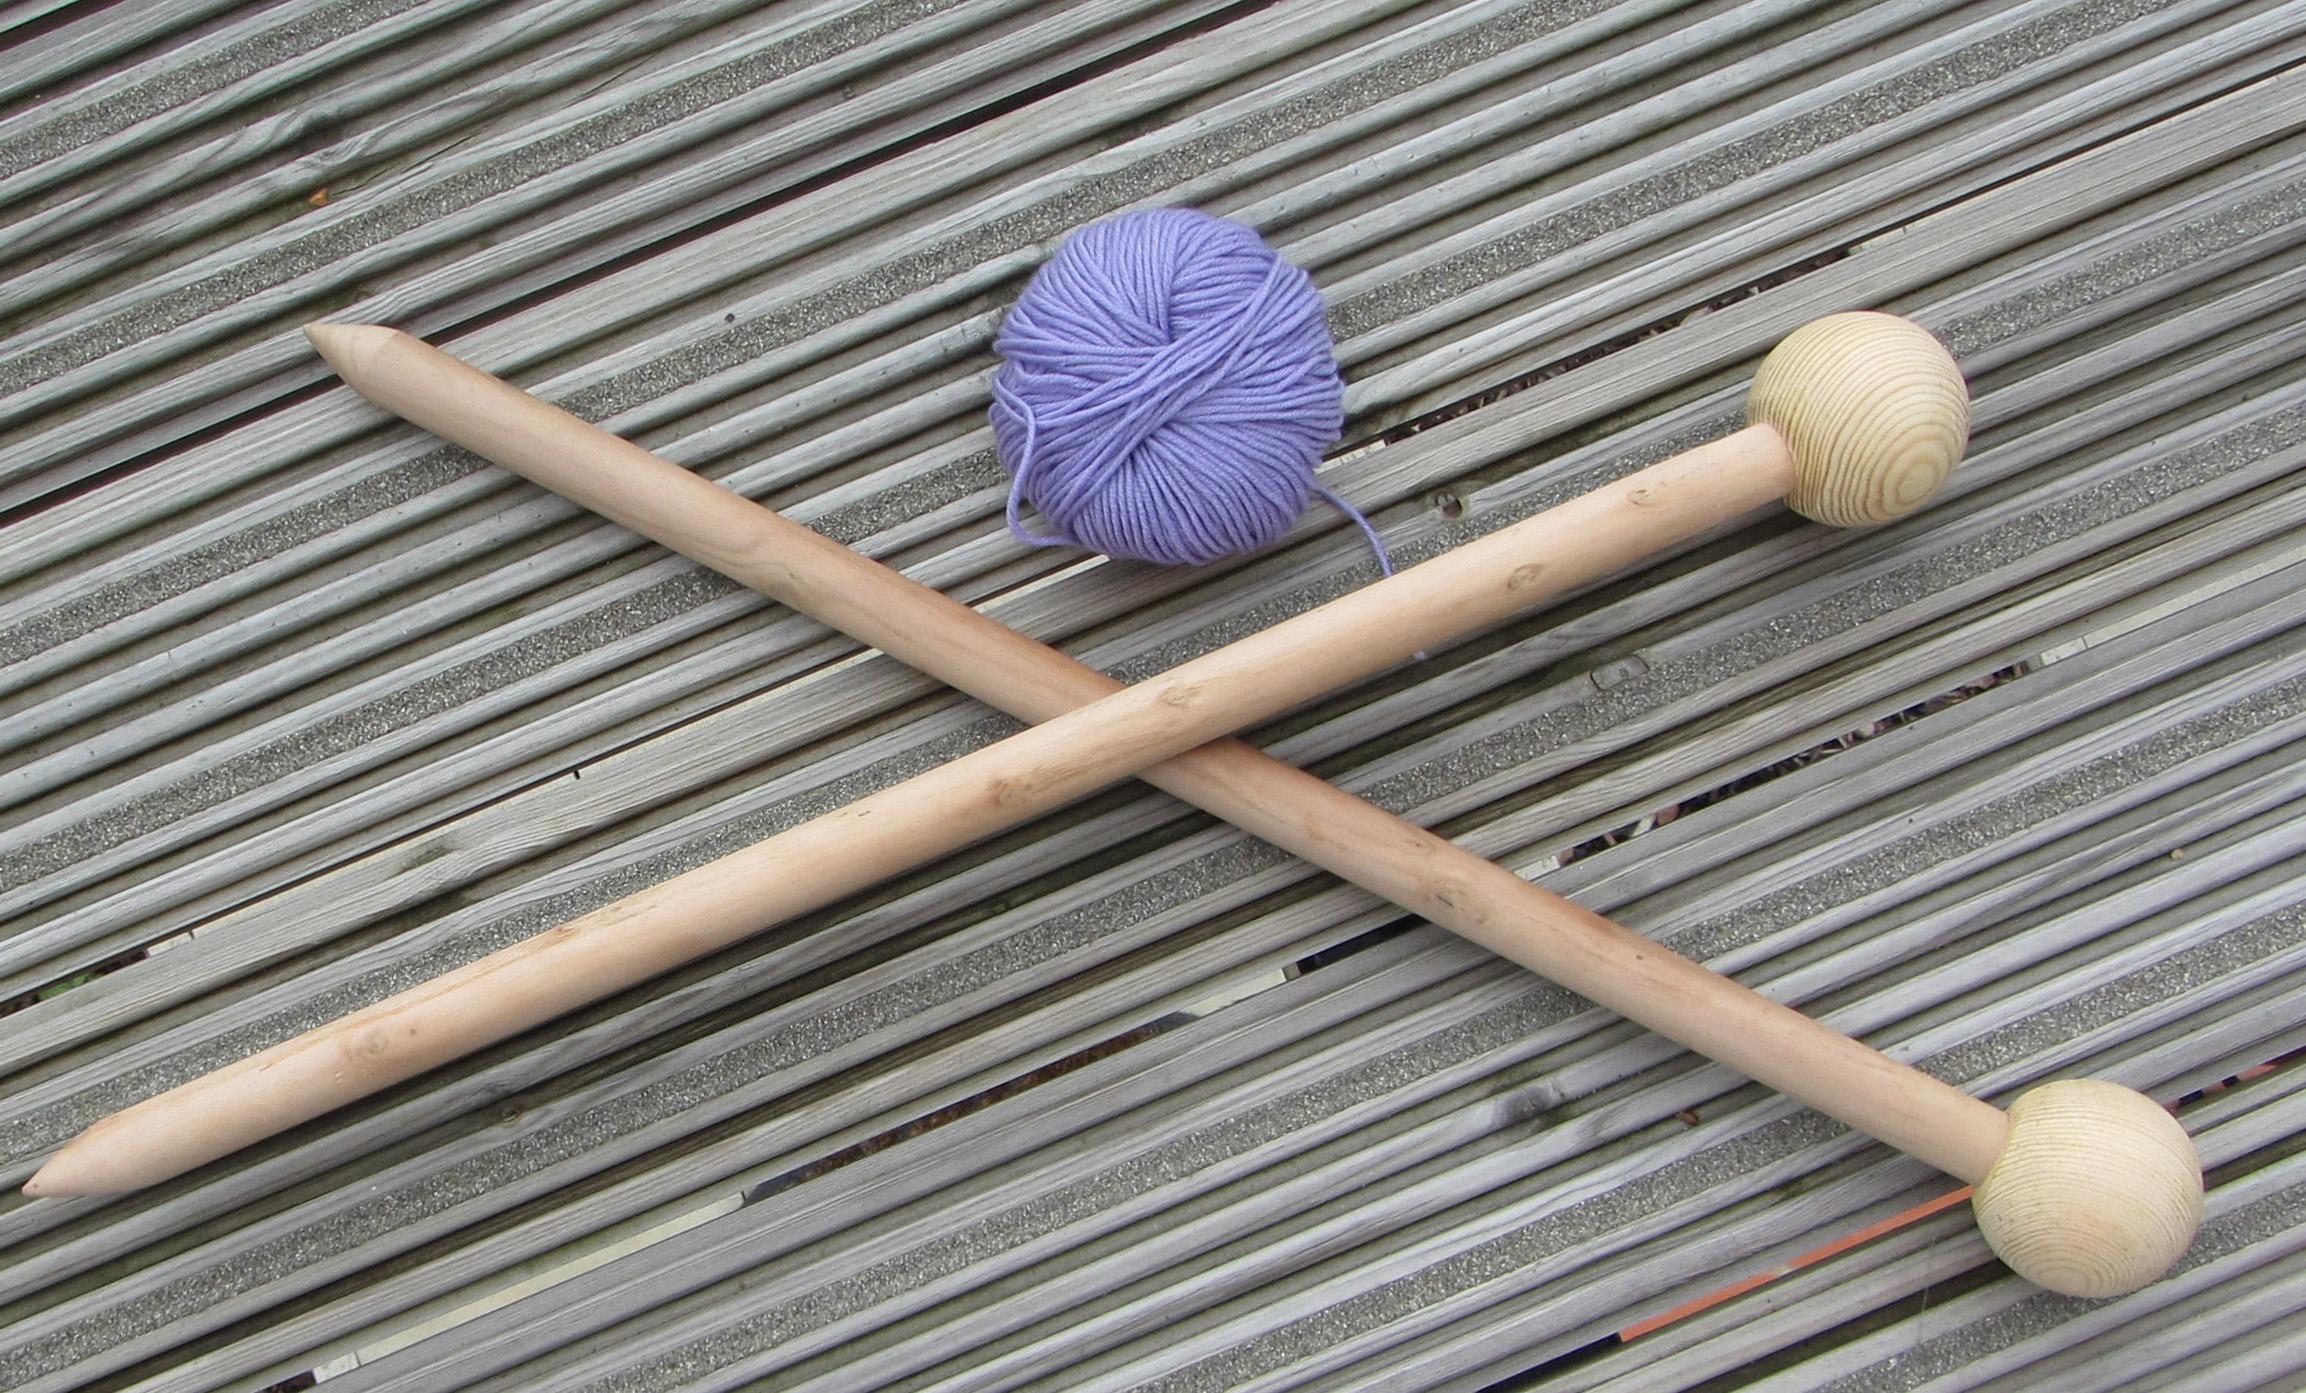 giant needle